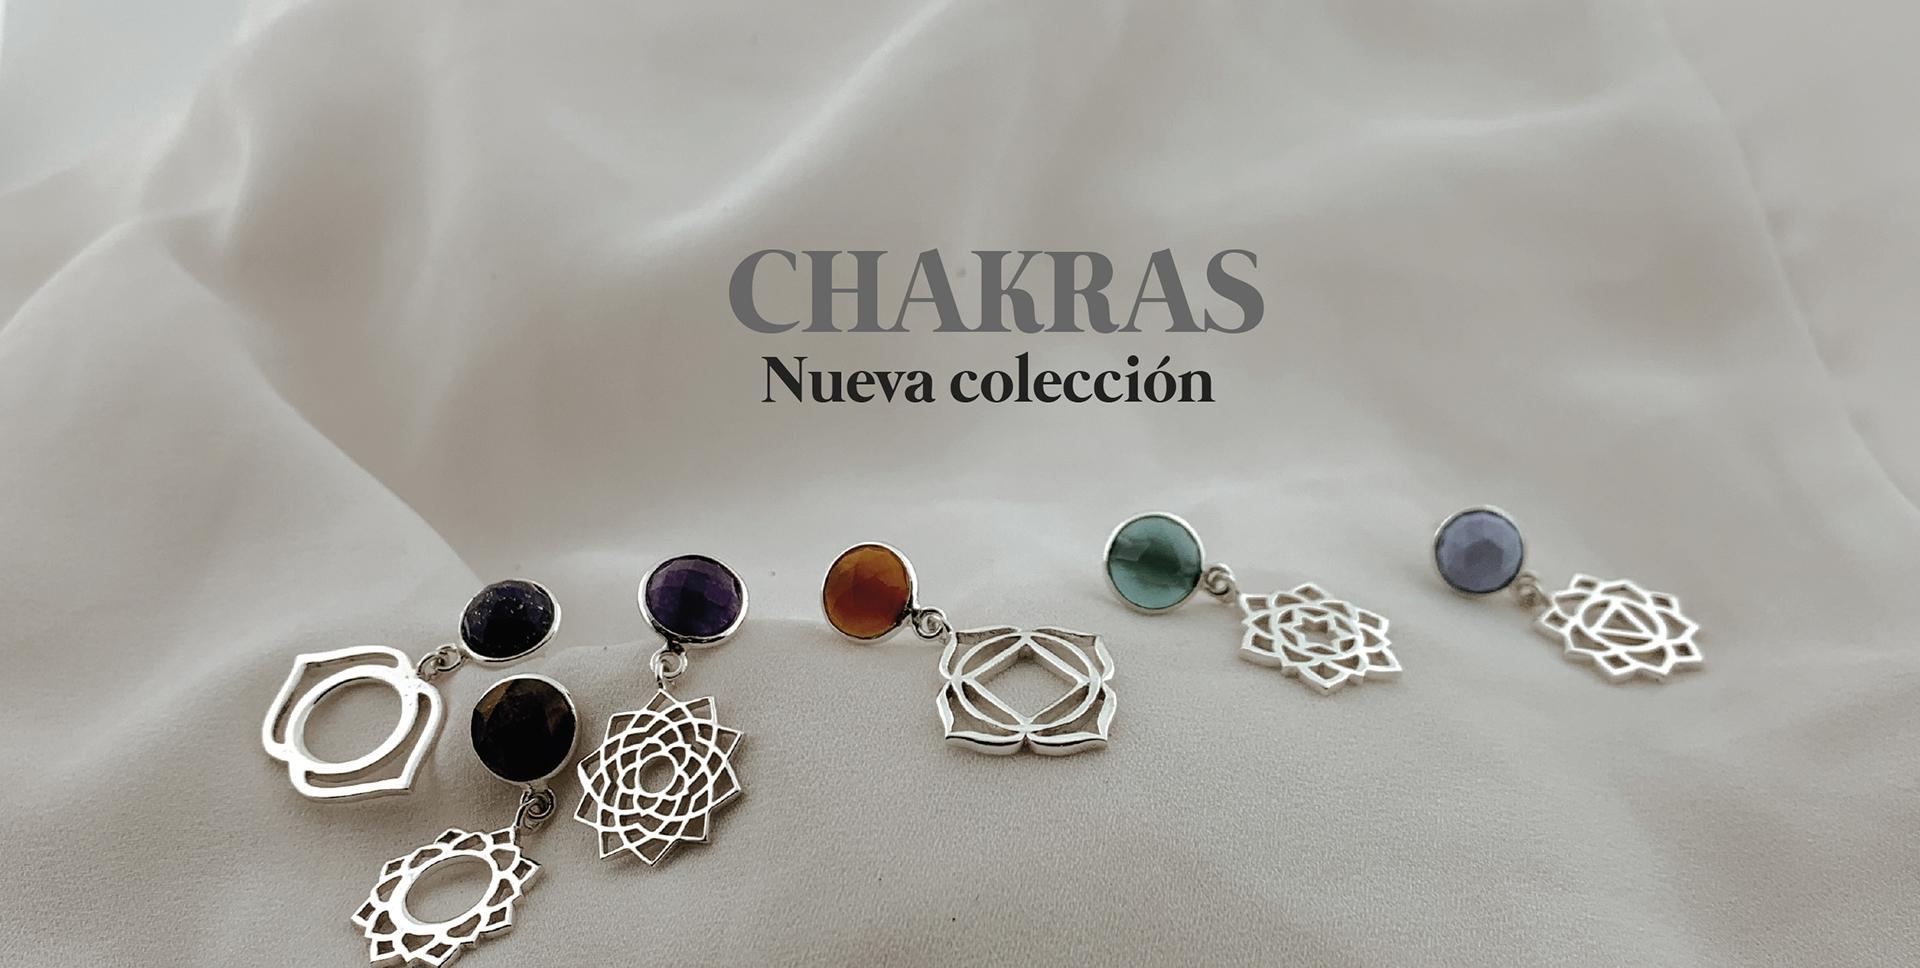 Nueva coleccion: Chakras Lotobyloto